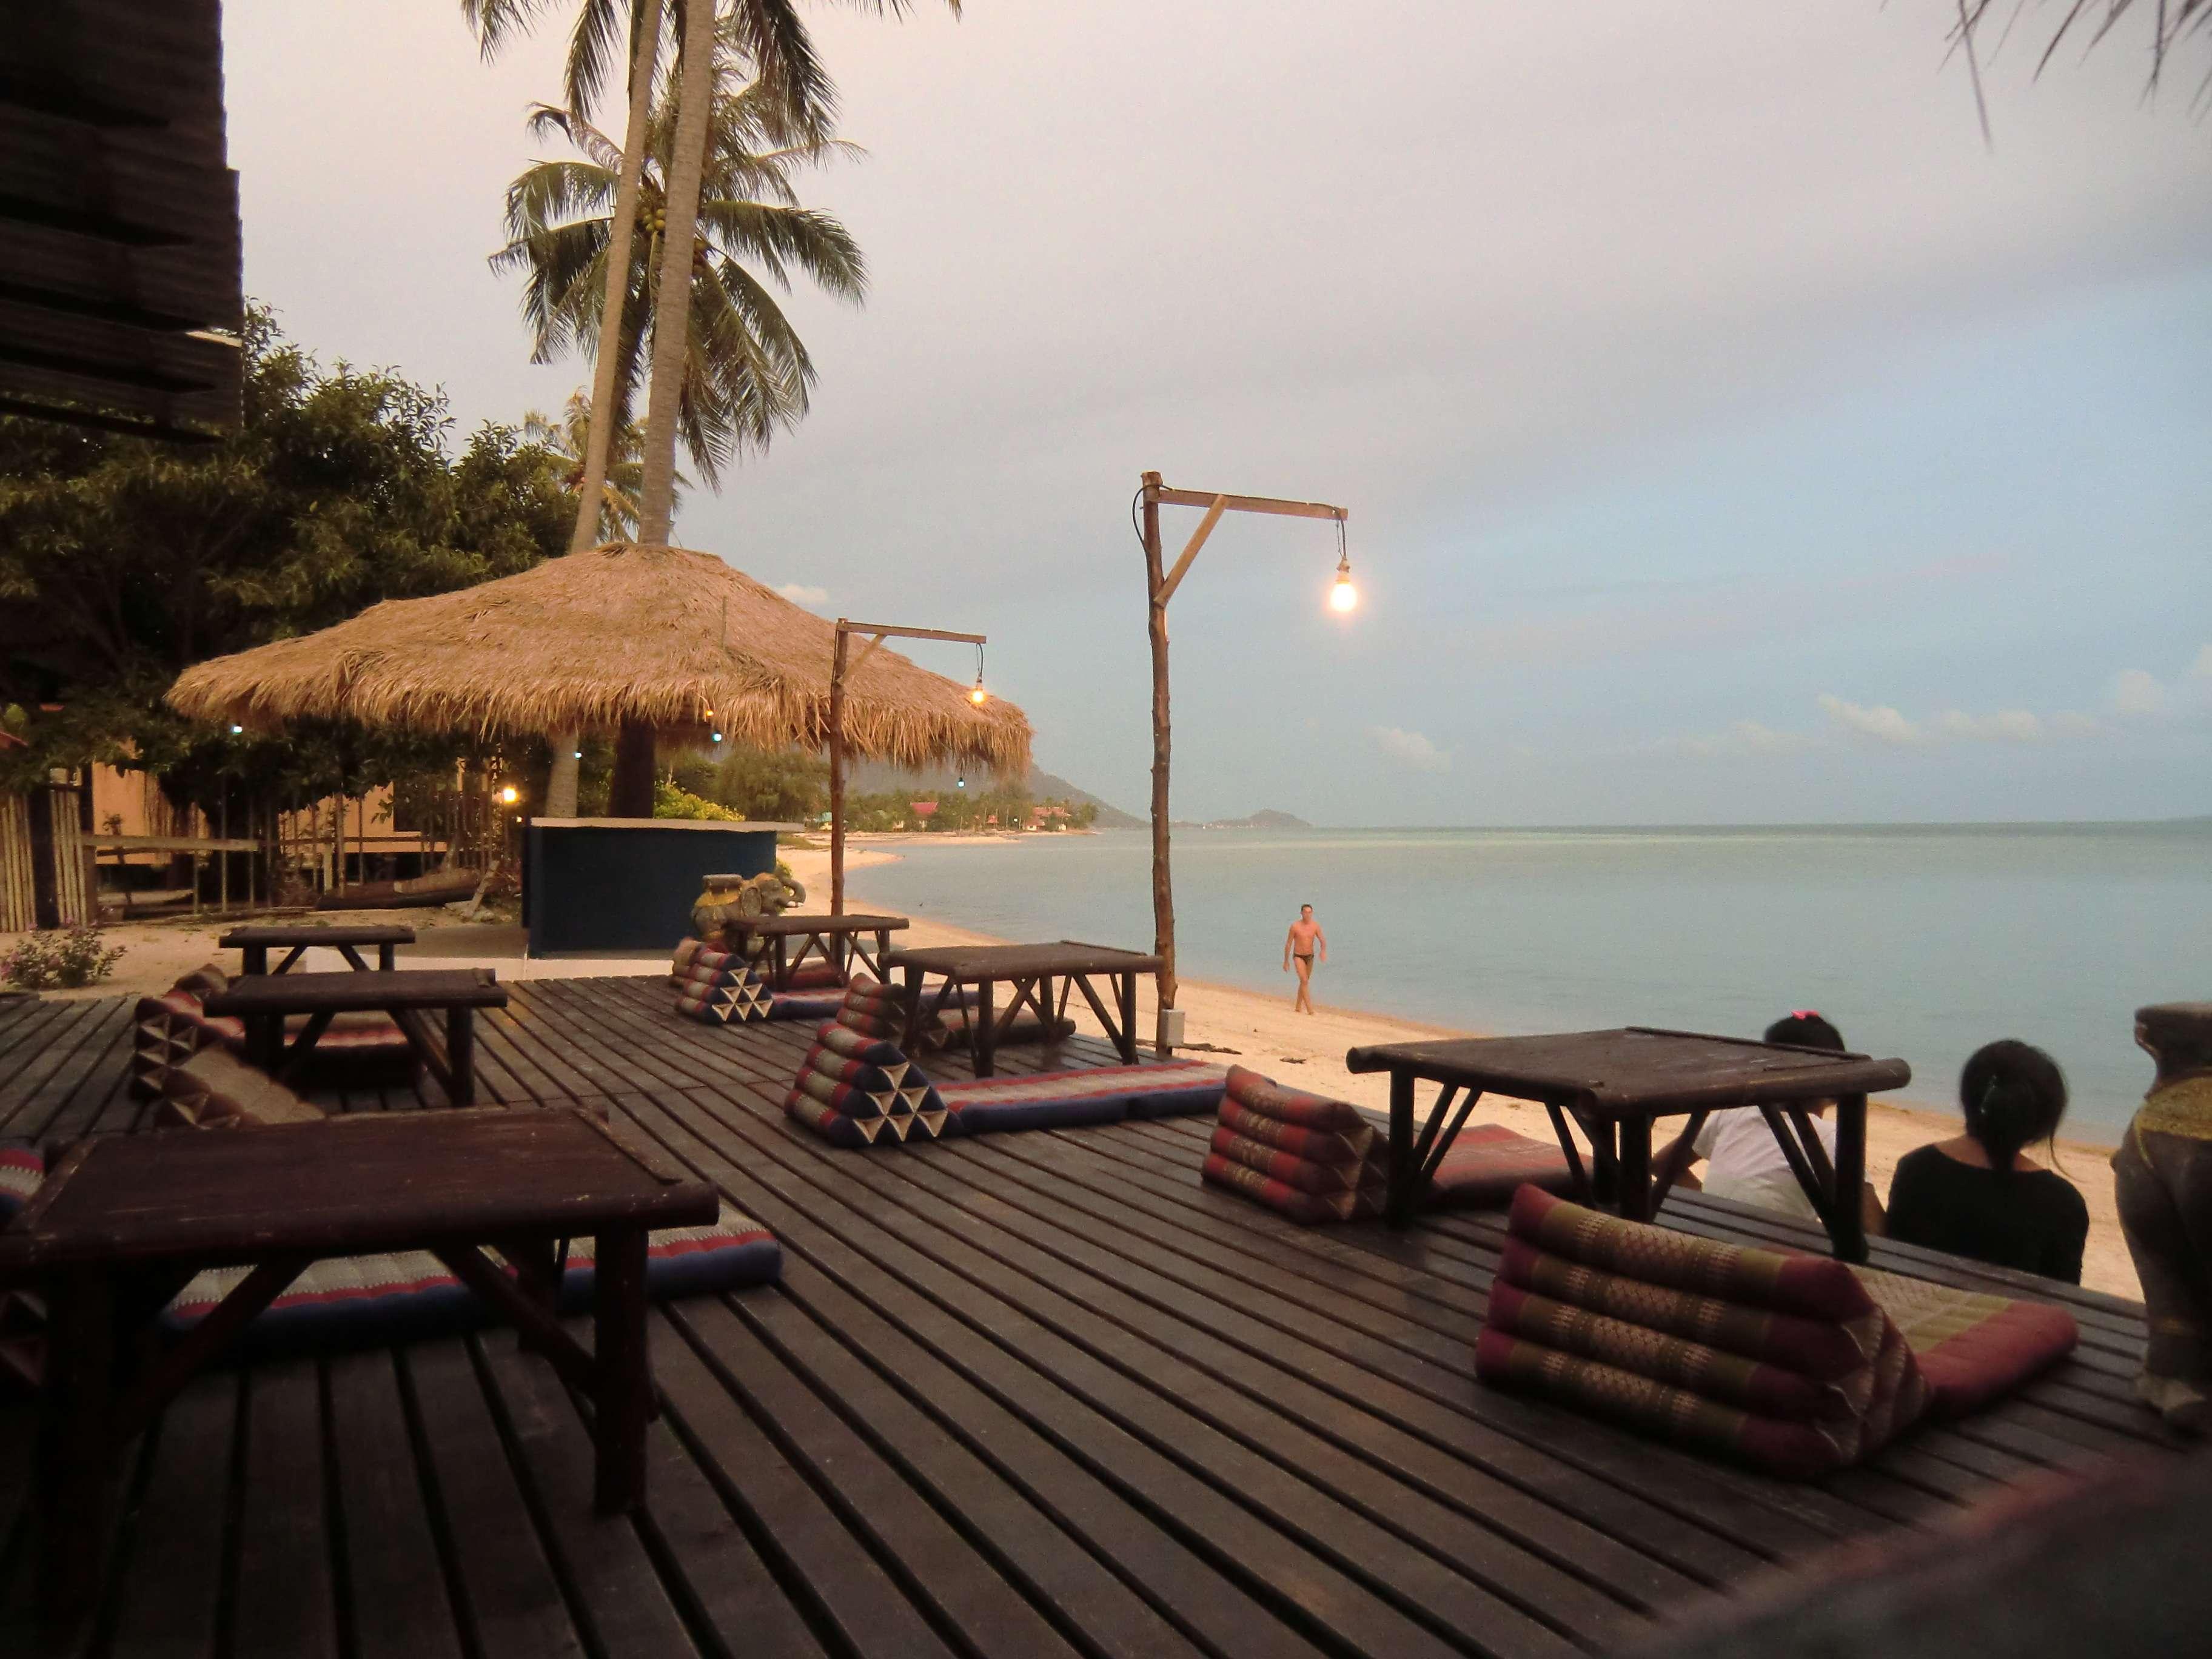 Abendstimmung im Resort